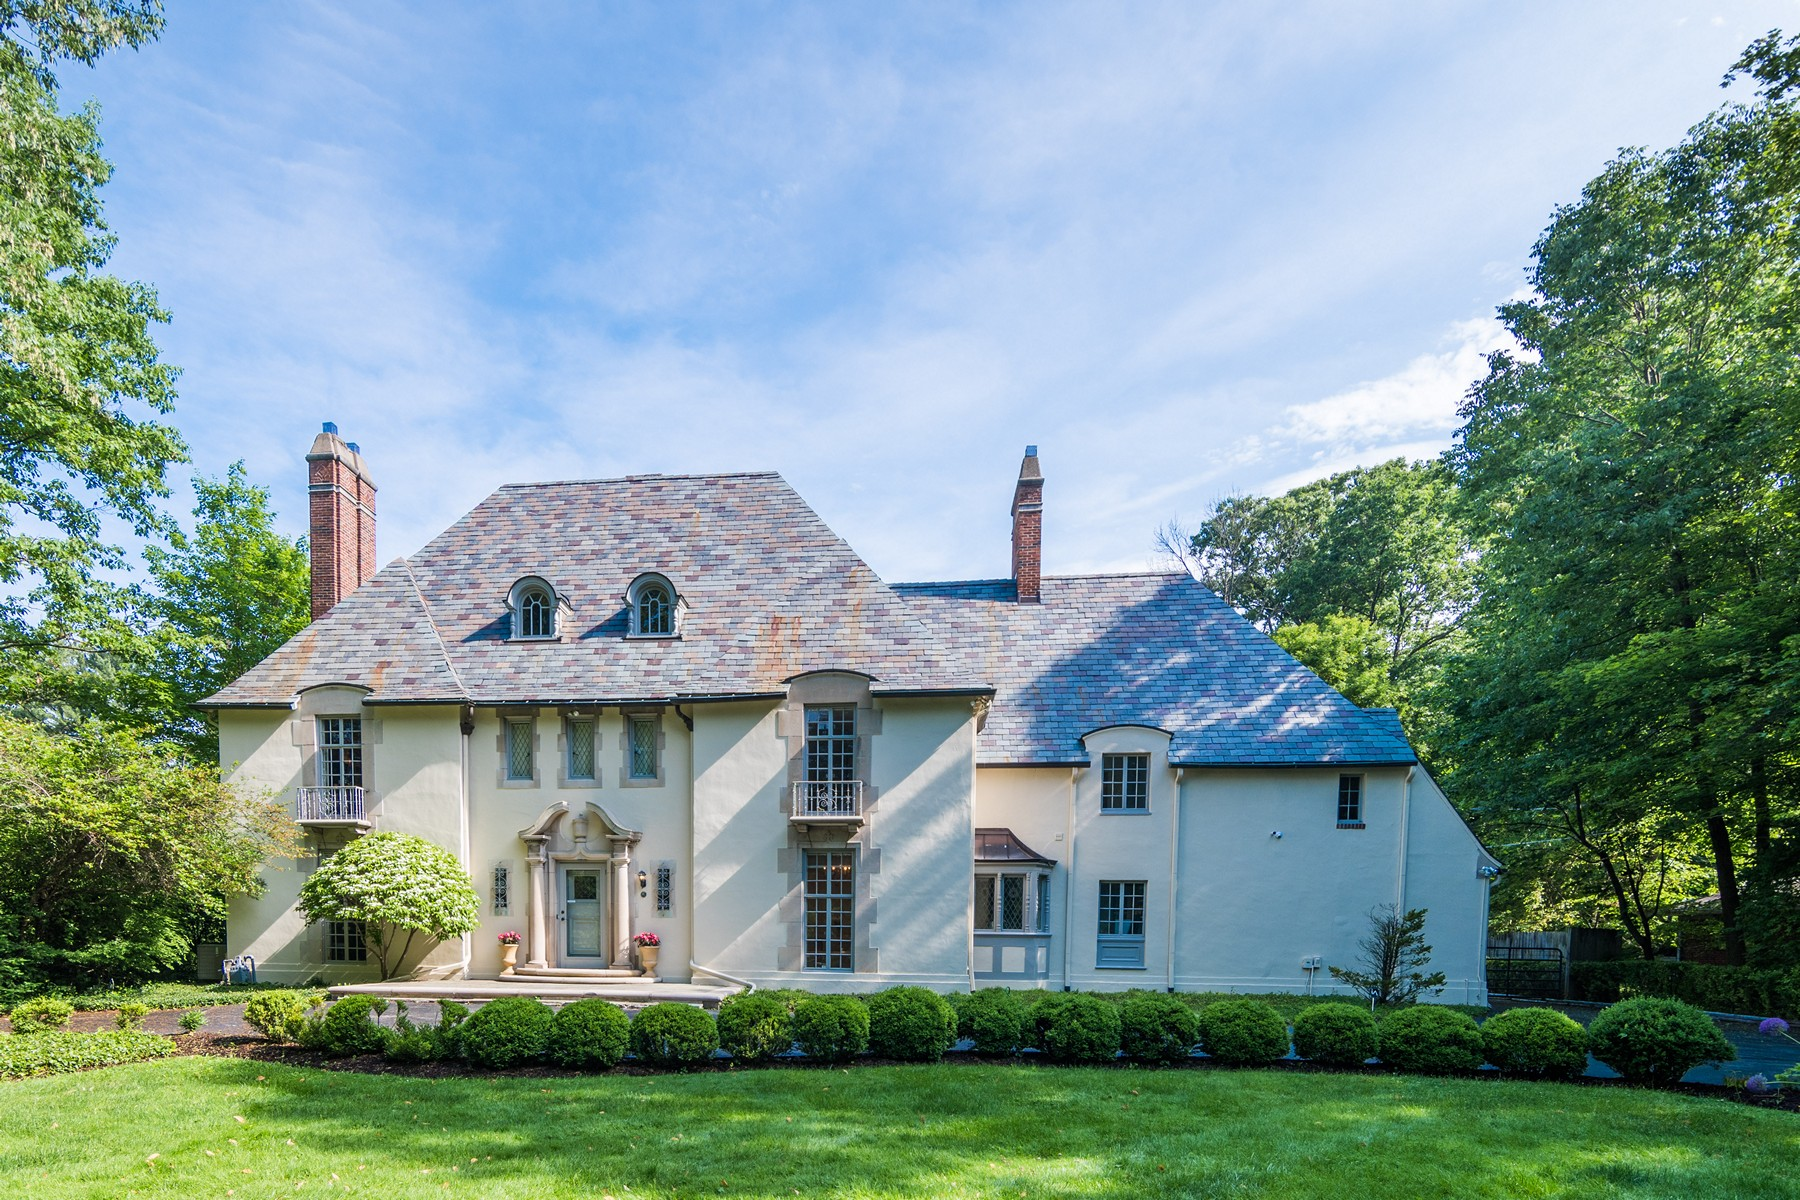 Casa Unifamiliar por un Venta en Historic Home Complete With Charm 1136 W. 56th Street Indianapolis, Indiana, 46228 Estados Unidos